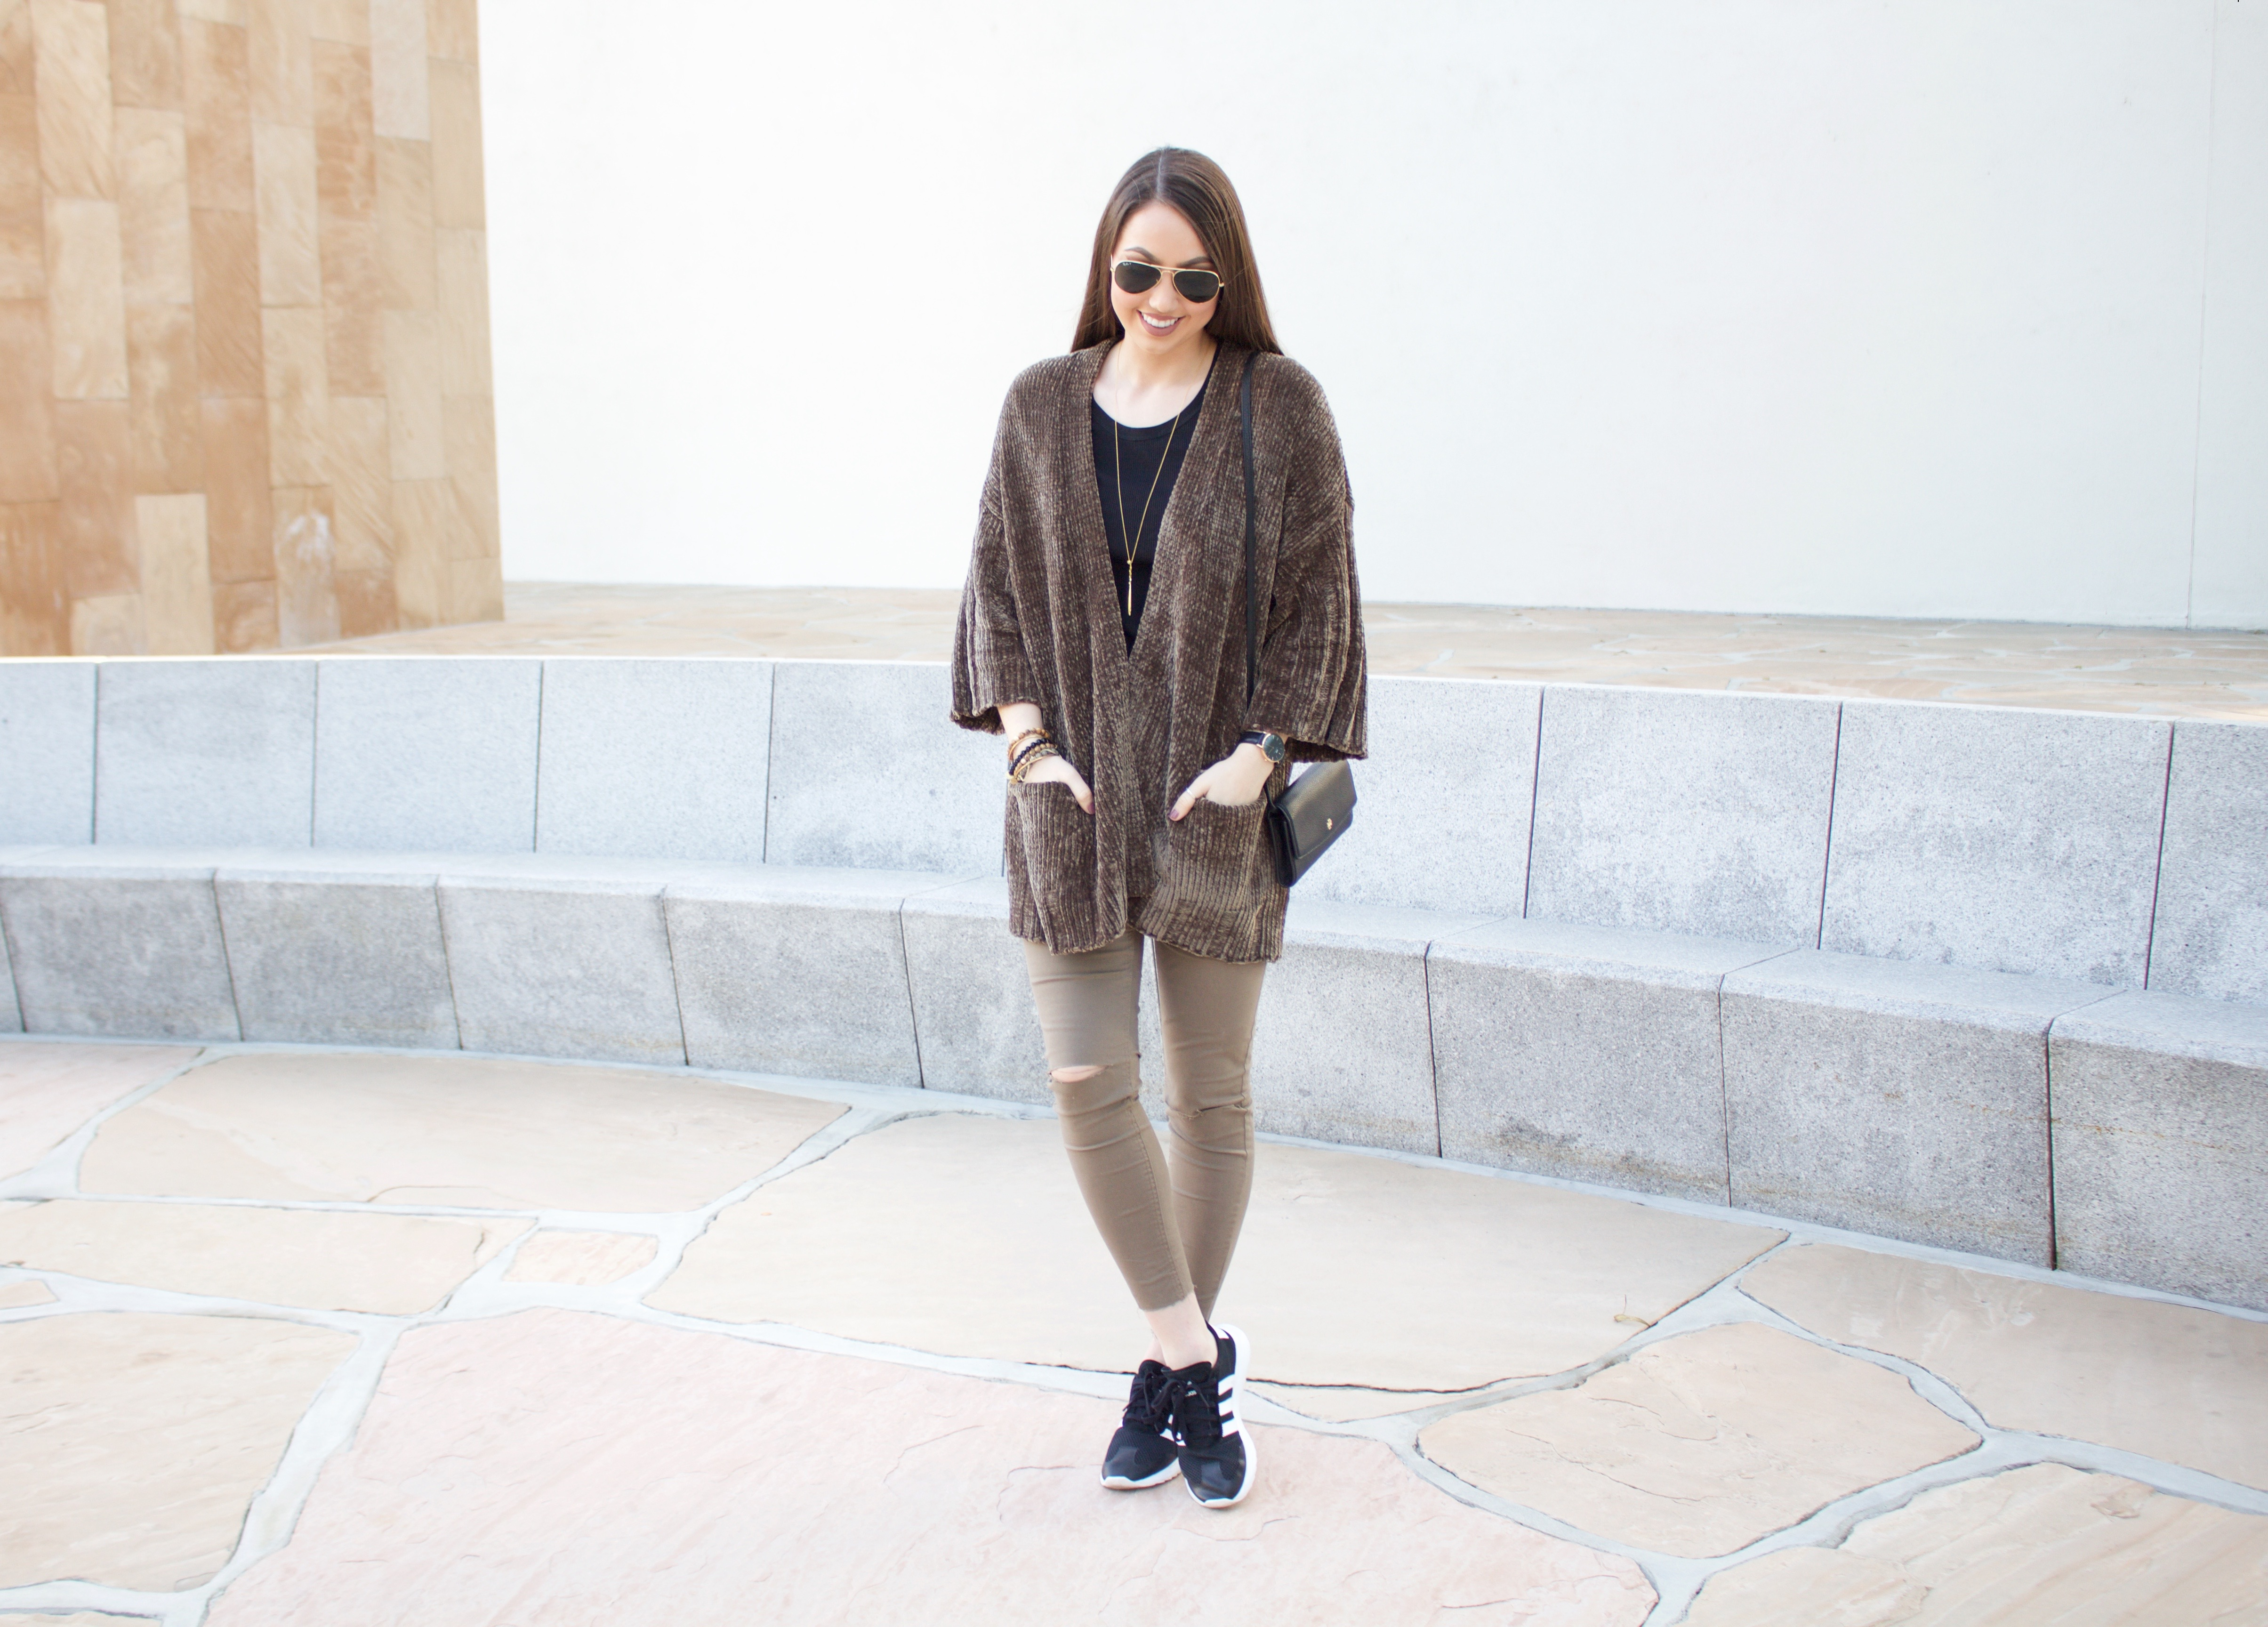 winter fashion trends 2018 - chenille trend